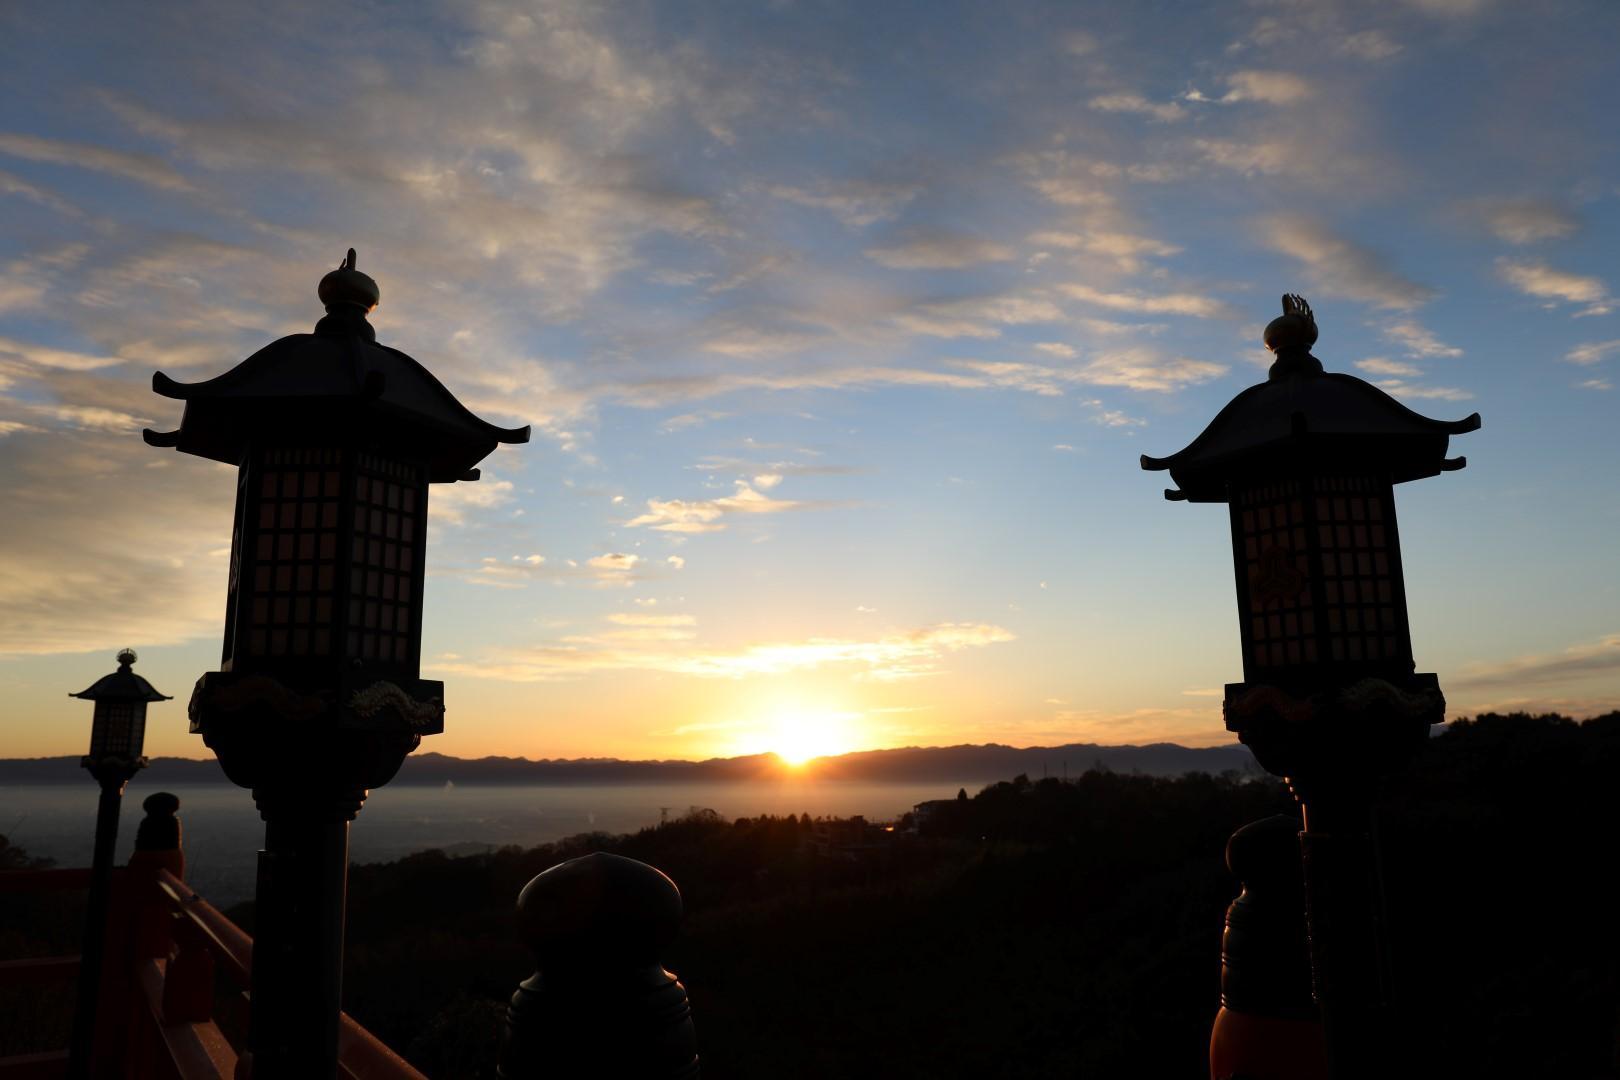 Donnavventura in Giappone: la spiritualità della città di Nara